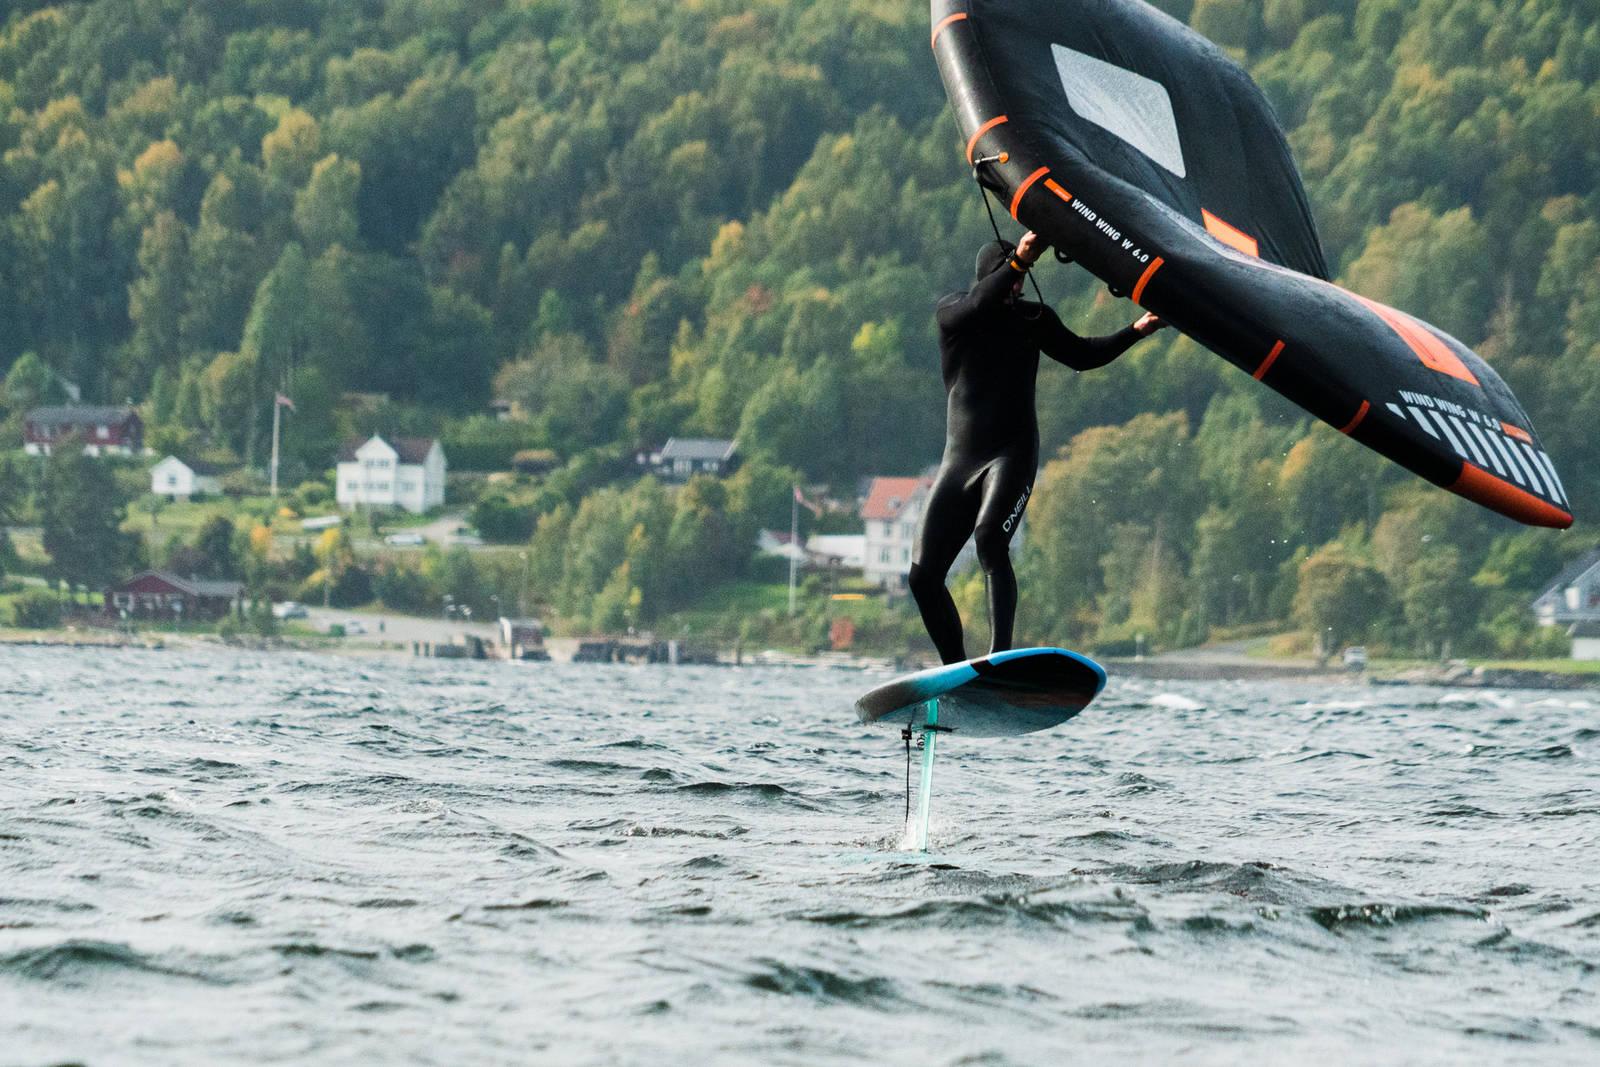 SOM Å FLY: Følelsen av å fly på foilen kan ikke sammenliknes med noen annen brettsport. Bilde: Christian Nerdrum